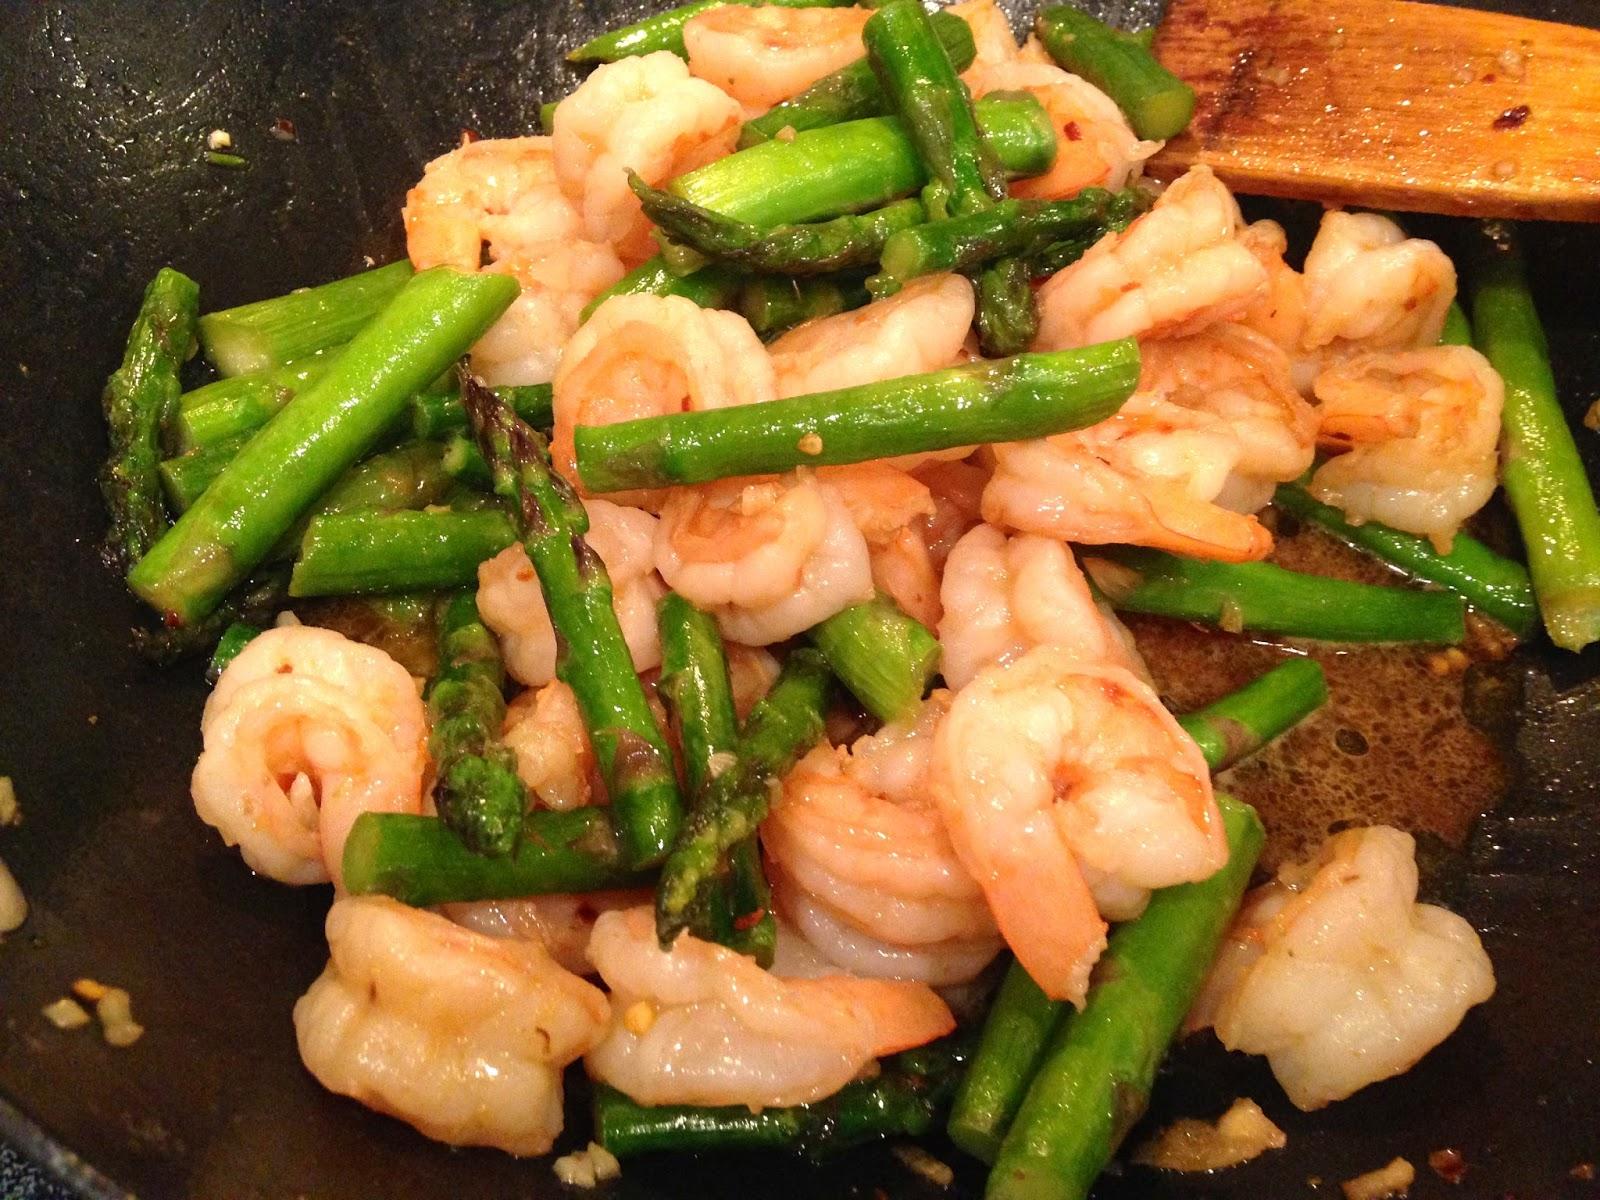 Rita's Recipes: Shrimp & Asparagus Stir-Fry